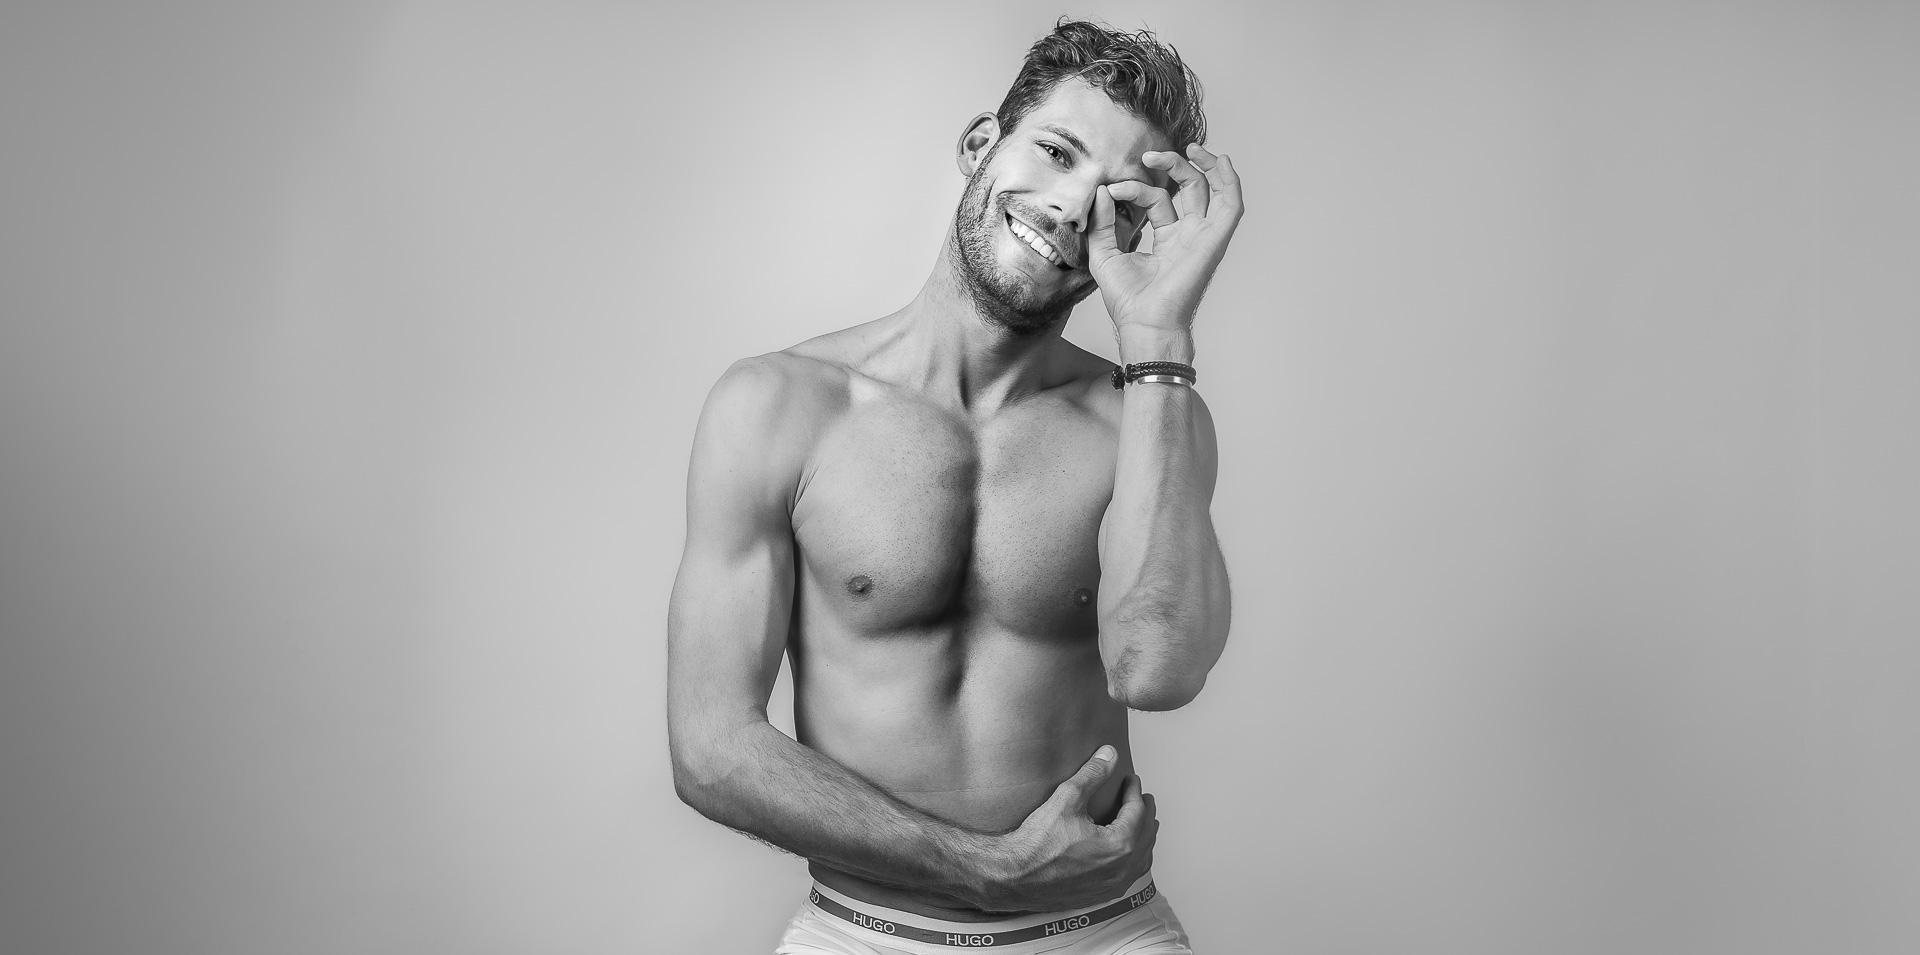 Fotoshooting Männer, dating app foto